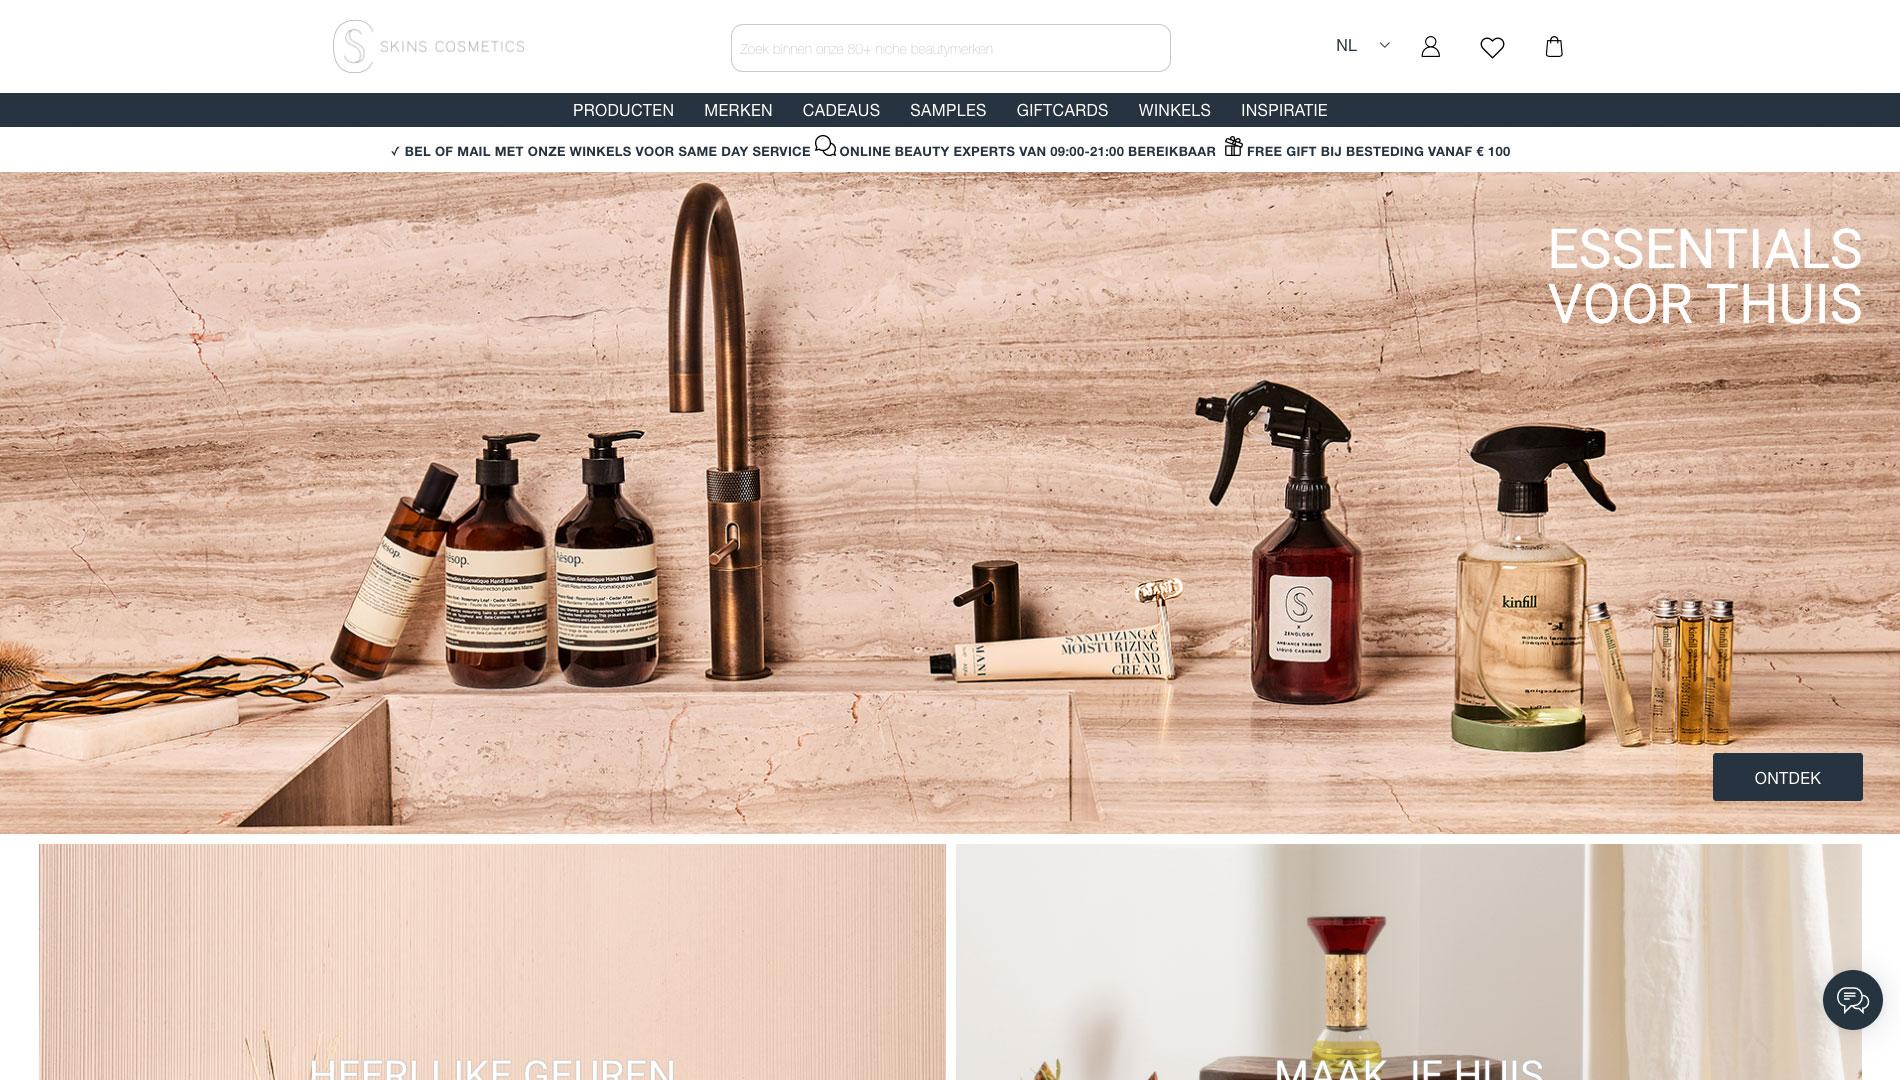 Voorbeeld design Skin Cosmetics